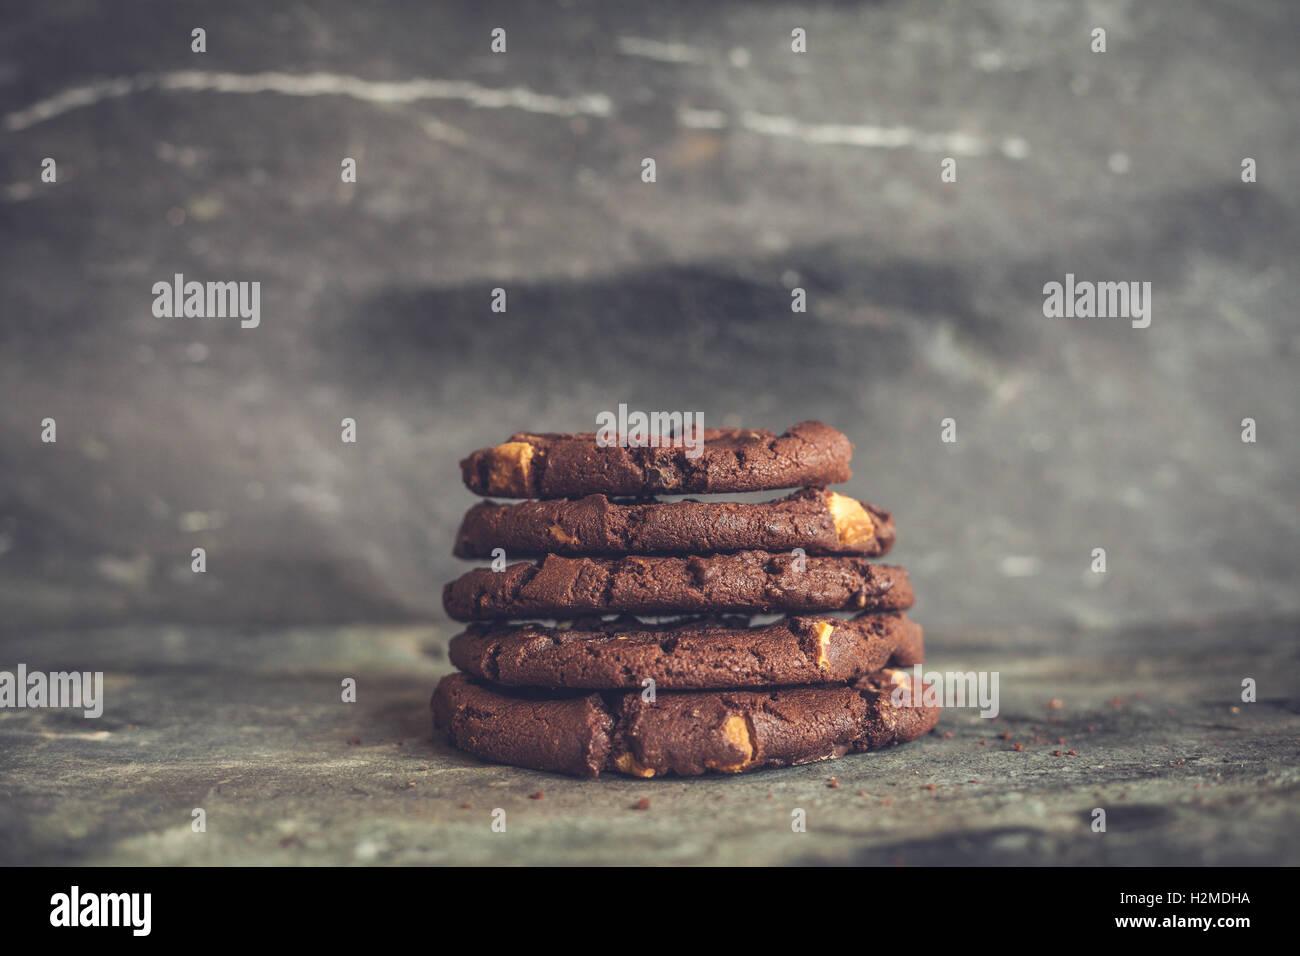 Biscotti al cioccolato impilati su un sfondo di ardesia Immagini Stock